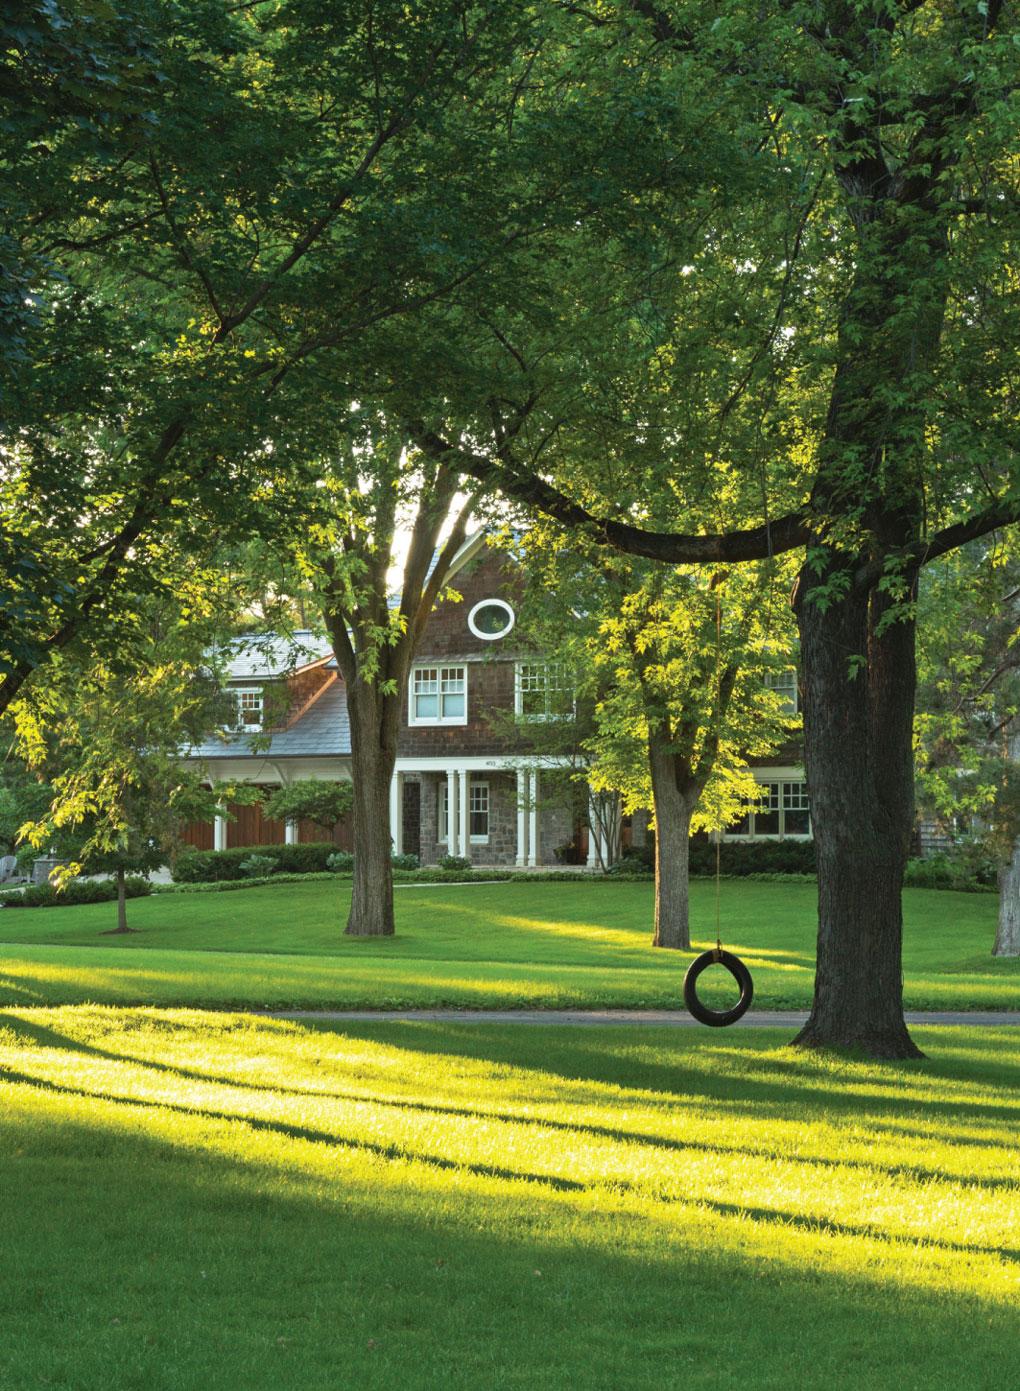 Edina neighborhood of Rolling Green